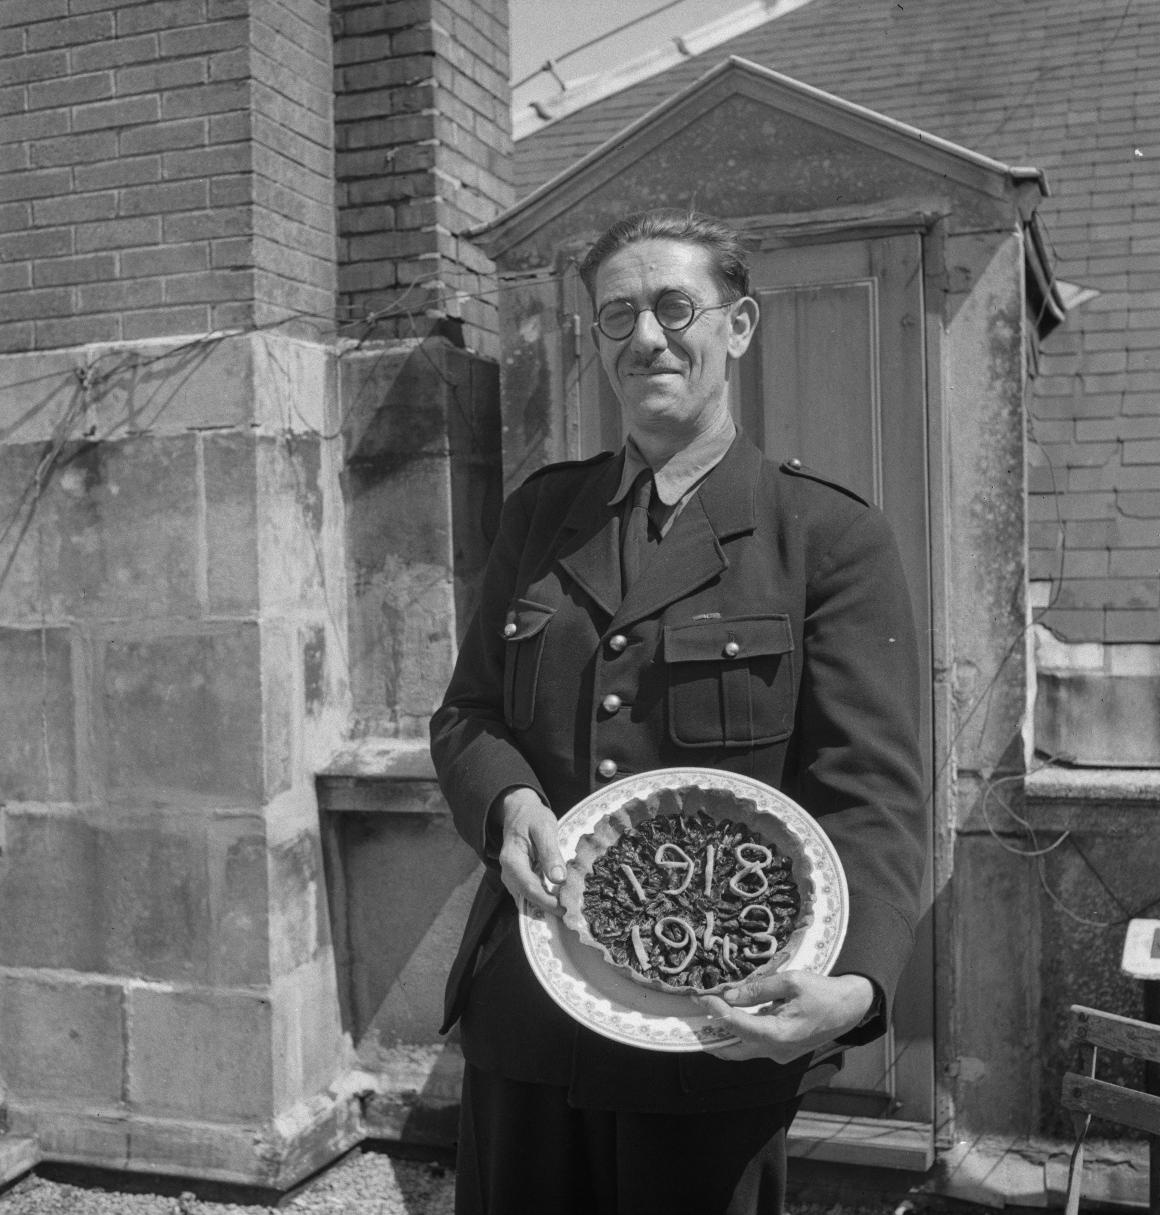 017. Пьер Клод, ветеран и доброволец. Шомонт (Верхняя Марна). 15 августа 1943